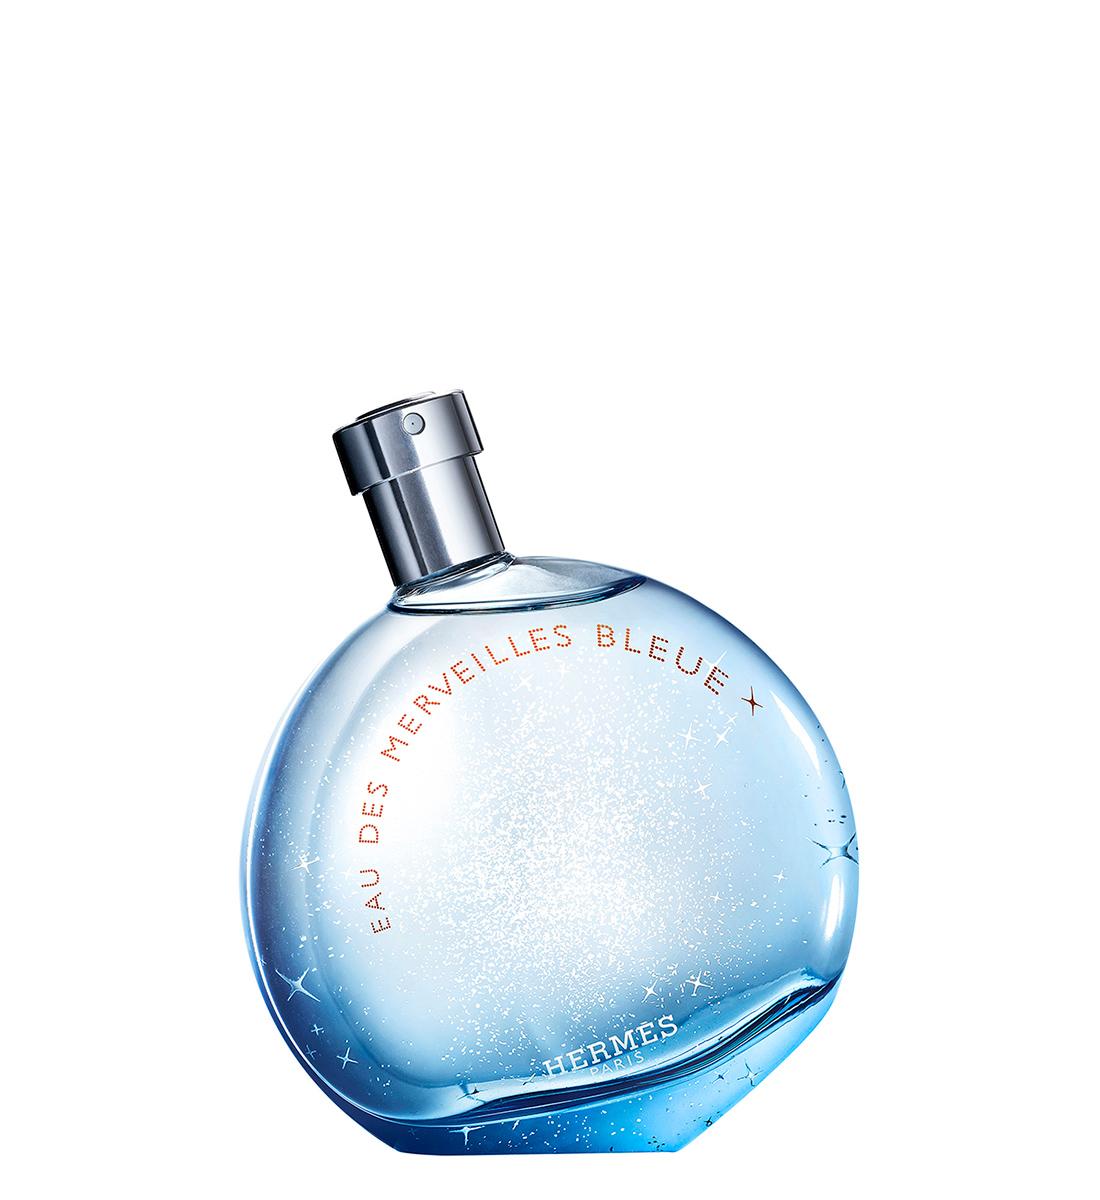 Eau de Toilette Eau des Merveilles Bleue - Hermès